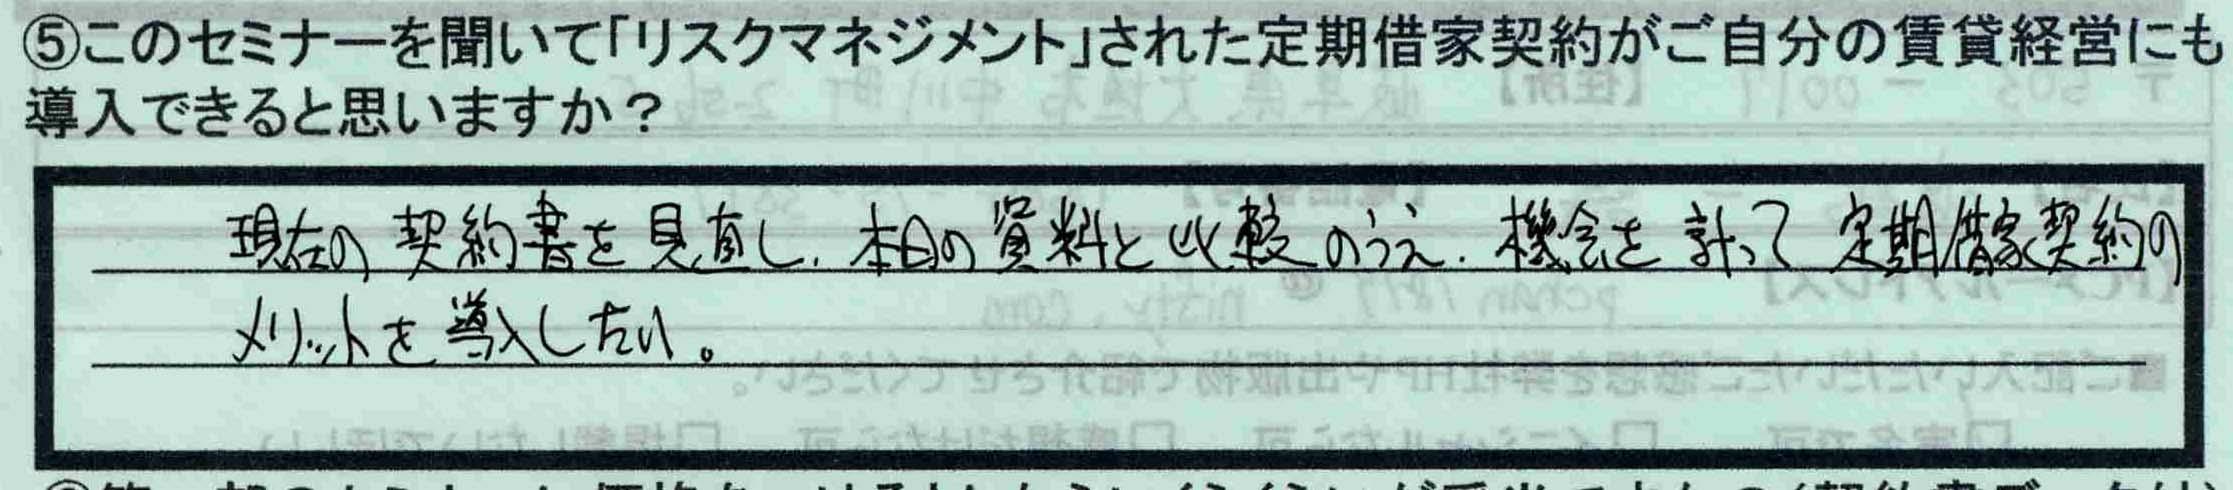 【岐阜県大垣市】【渡部一詩さん】【導入できるか?】